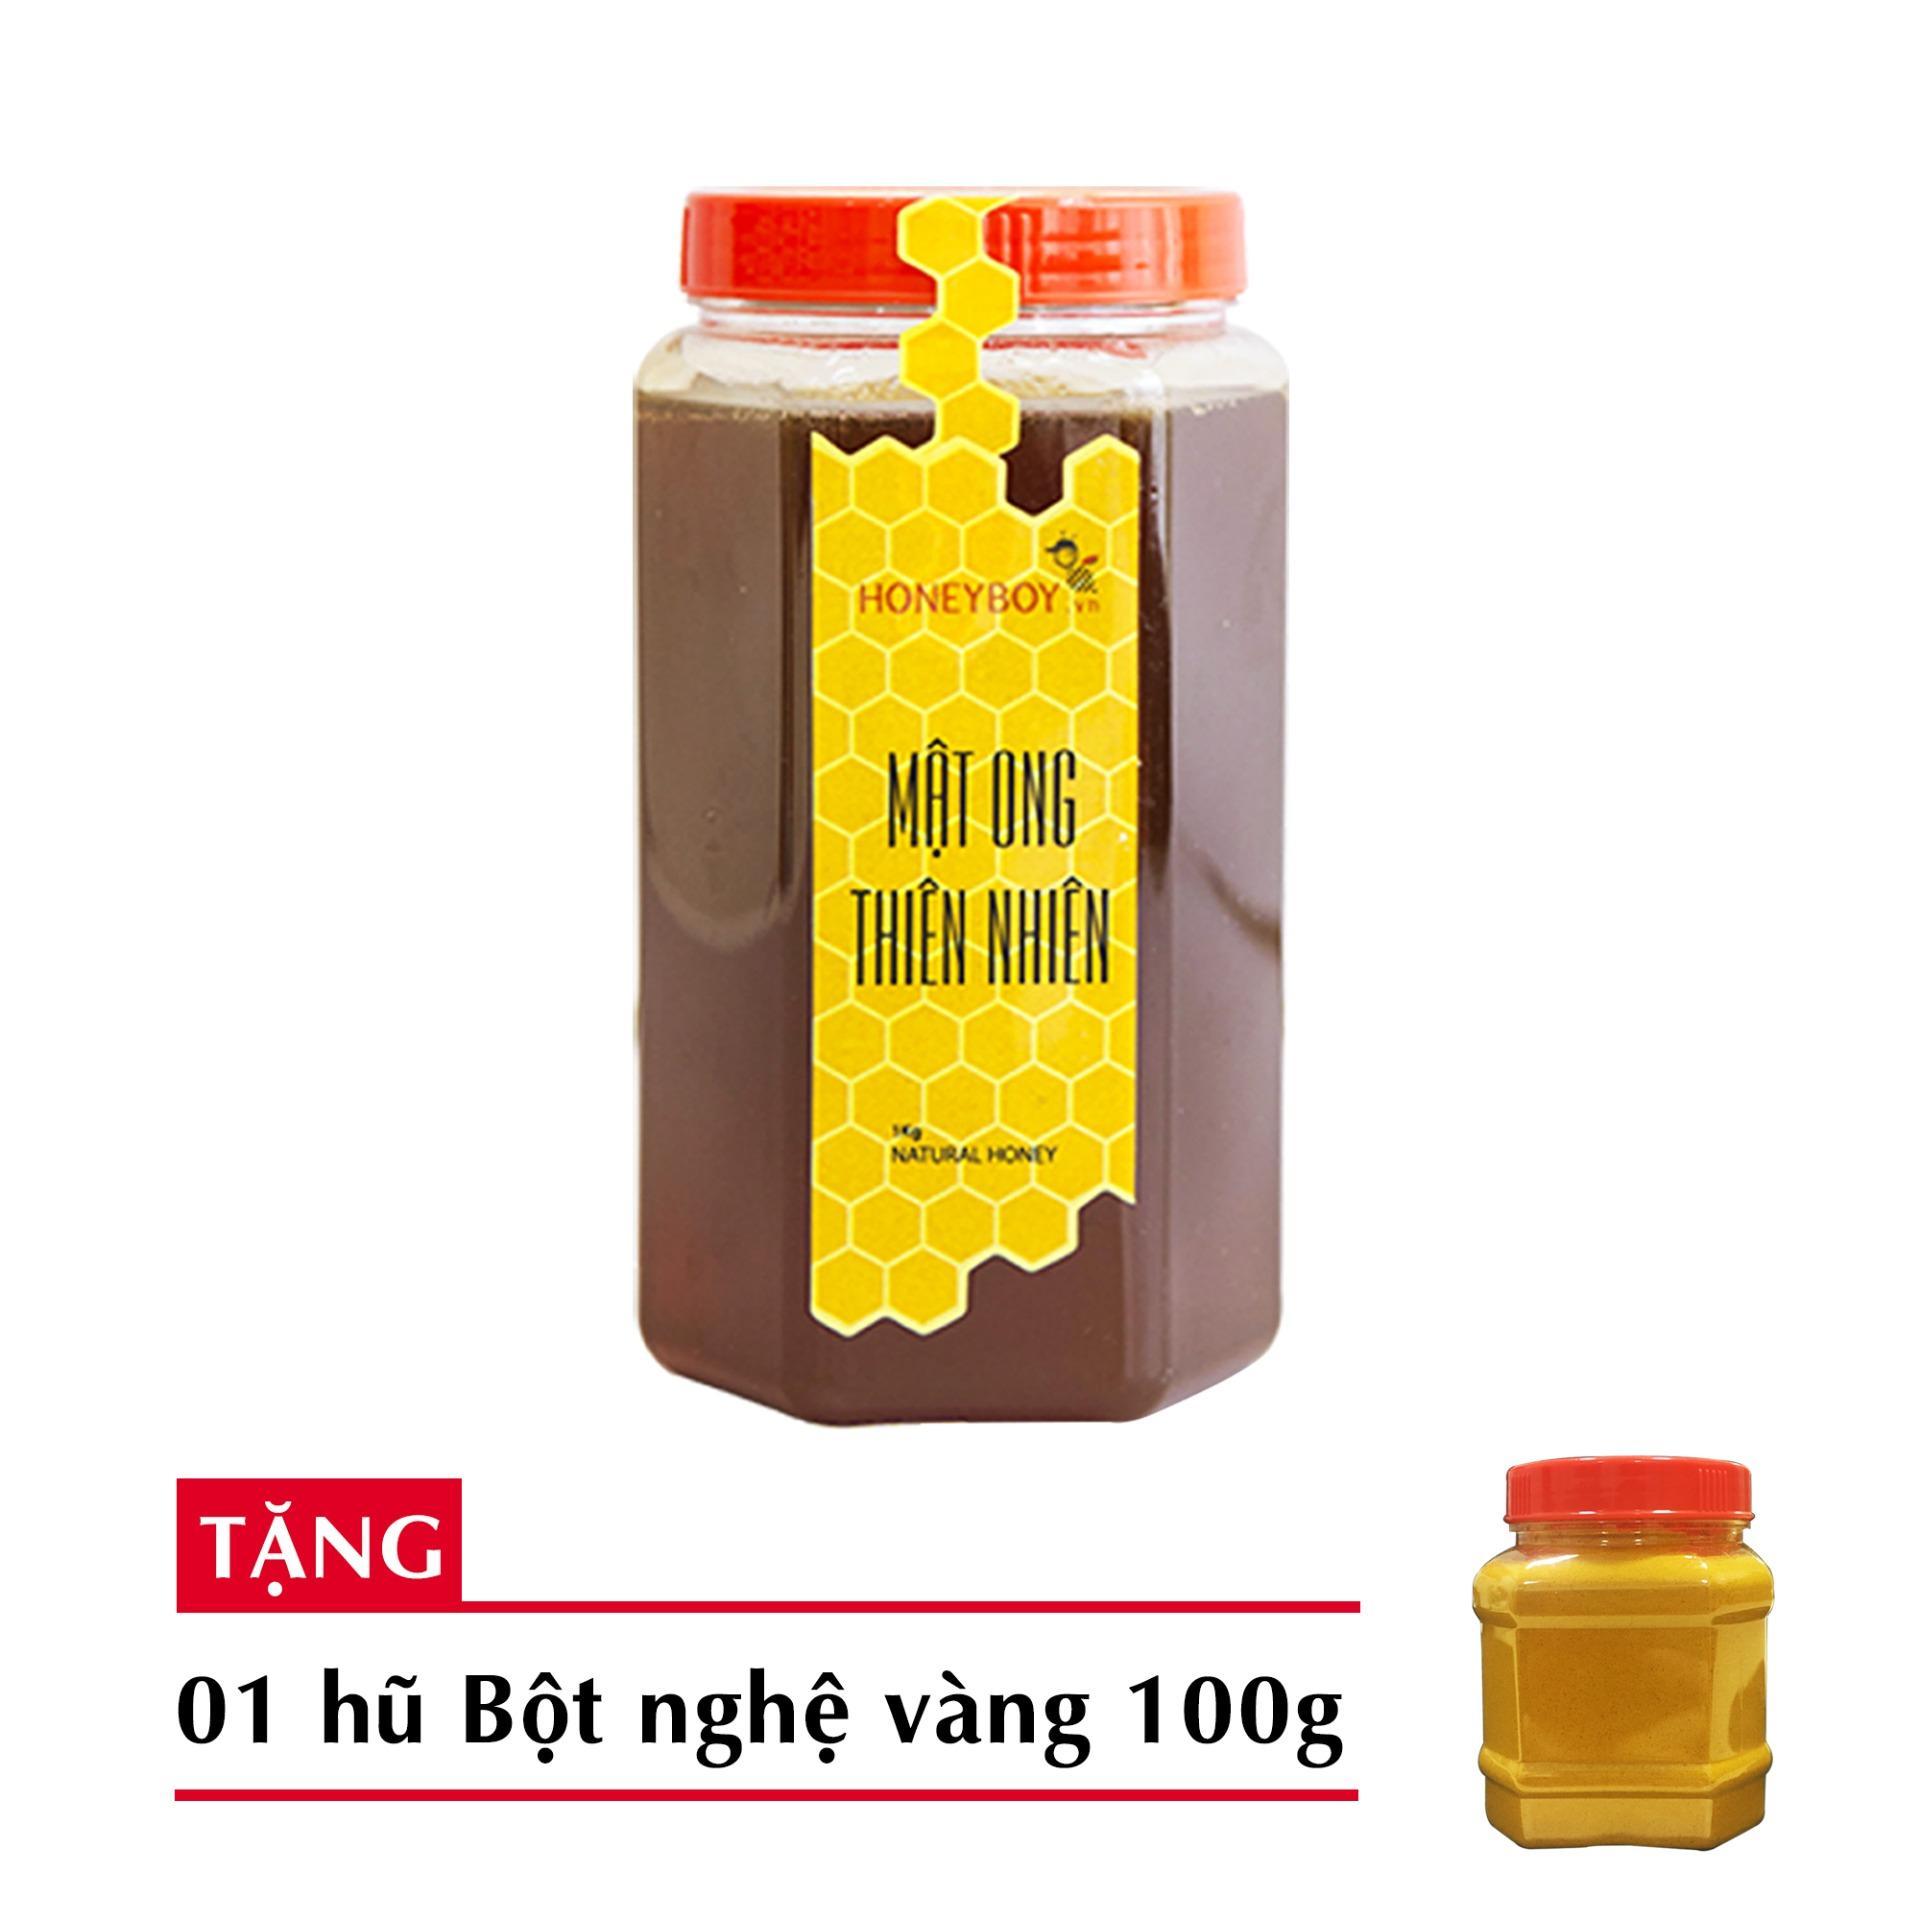 Mua Mật Ong Thien Nhien Honeyboy 1Kg Tặng 1 Hũ Bột Nghệ Vang Nguyen Chất 100G Hồ Chí Minh